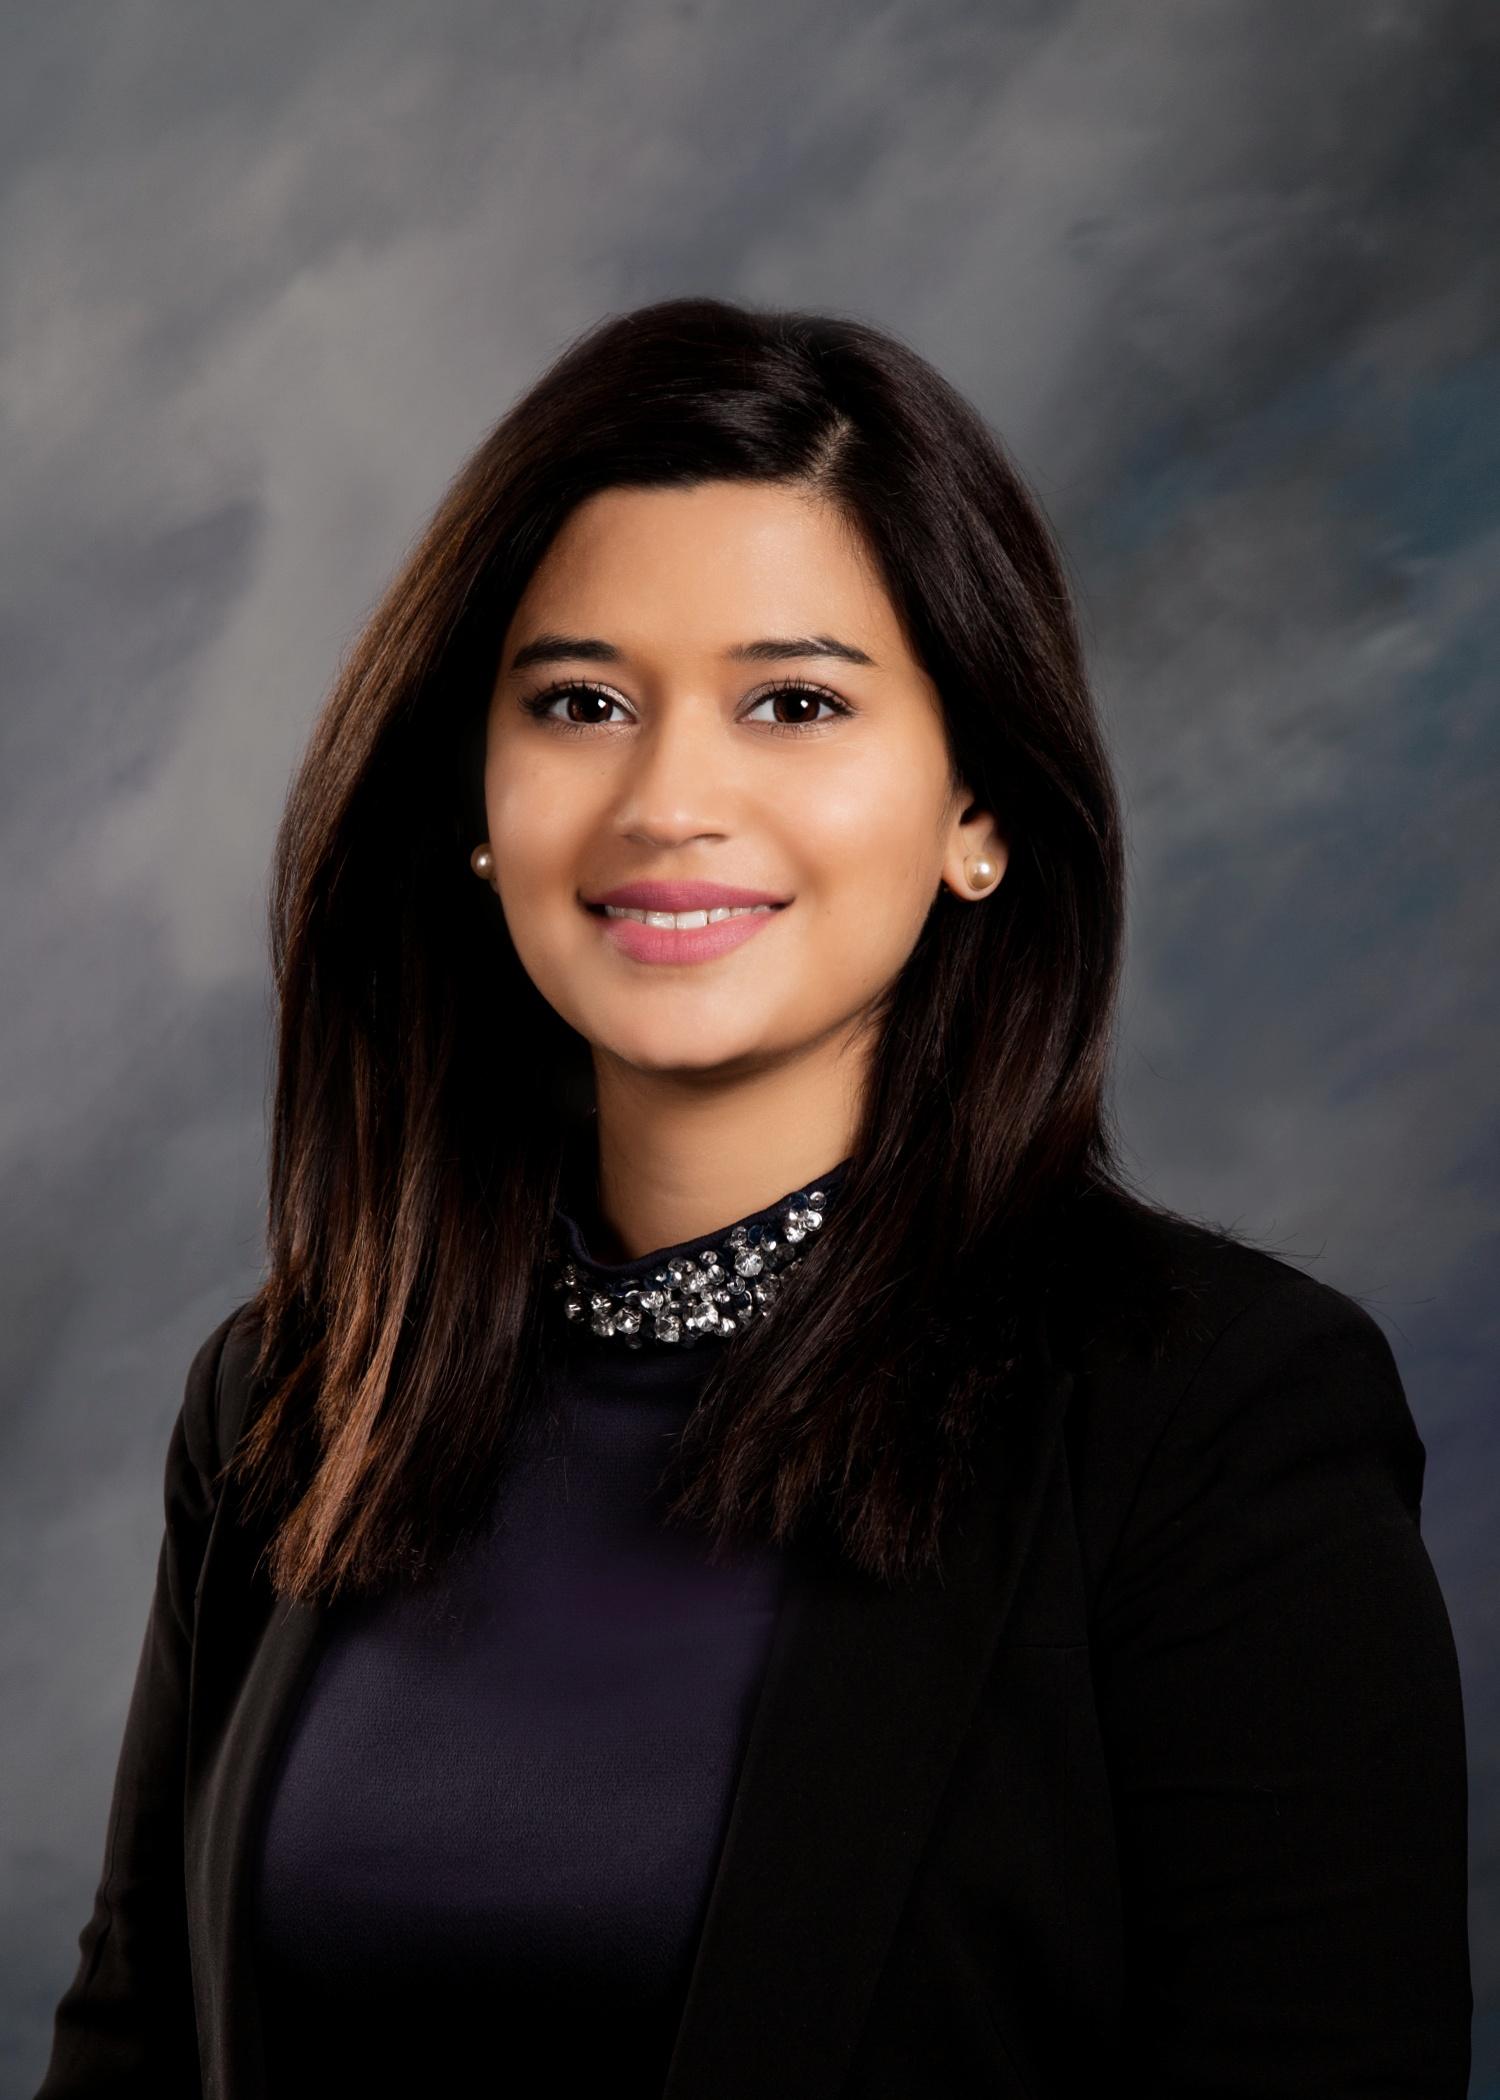 HPHR Fellow Priya Vedula